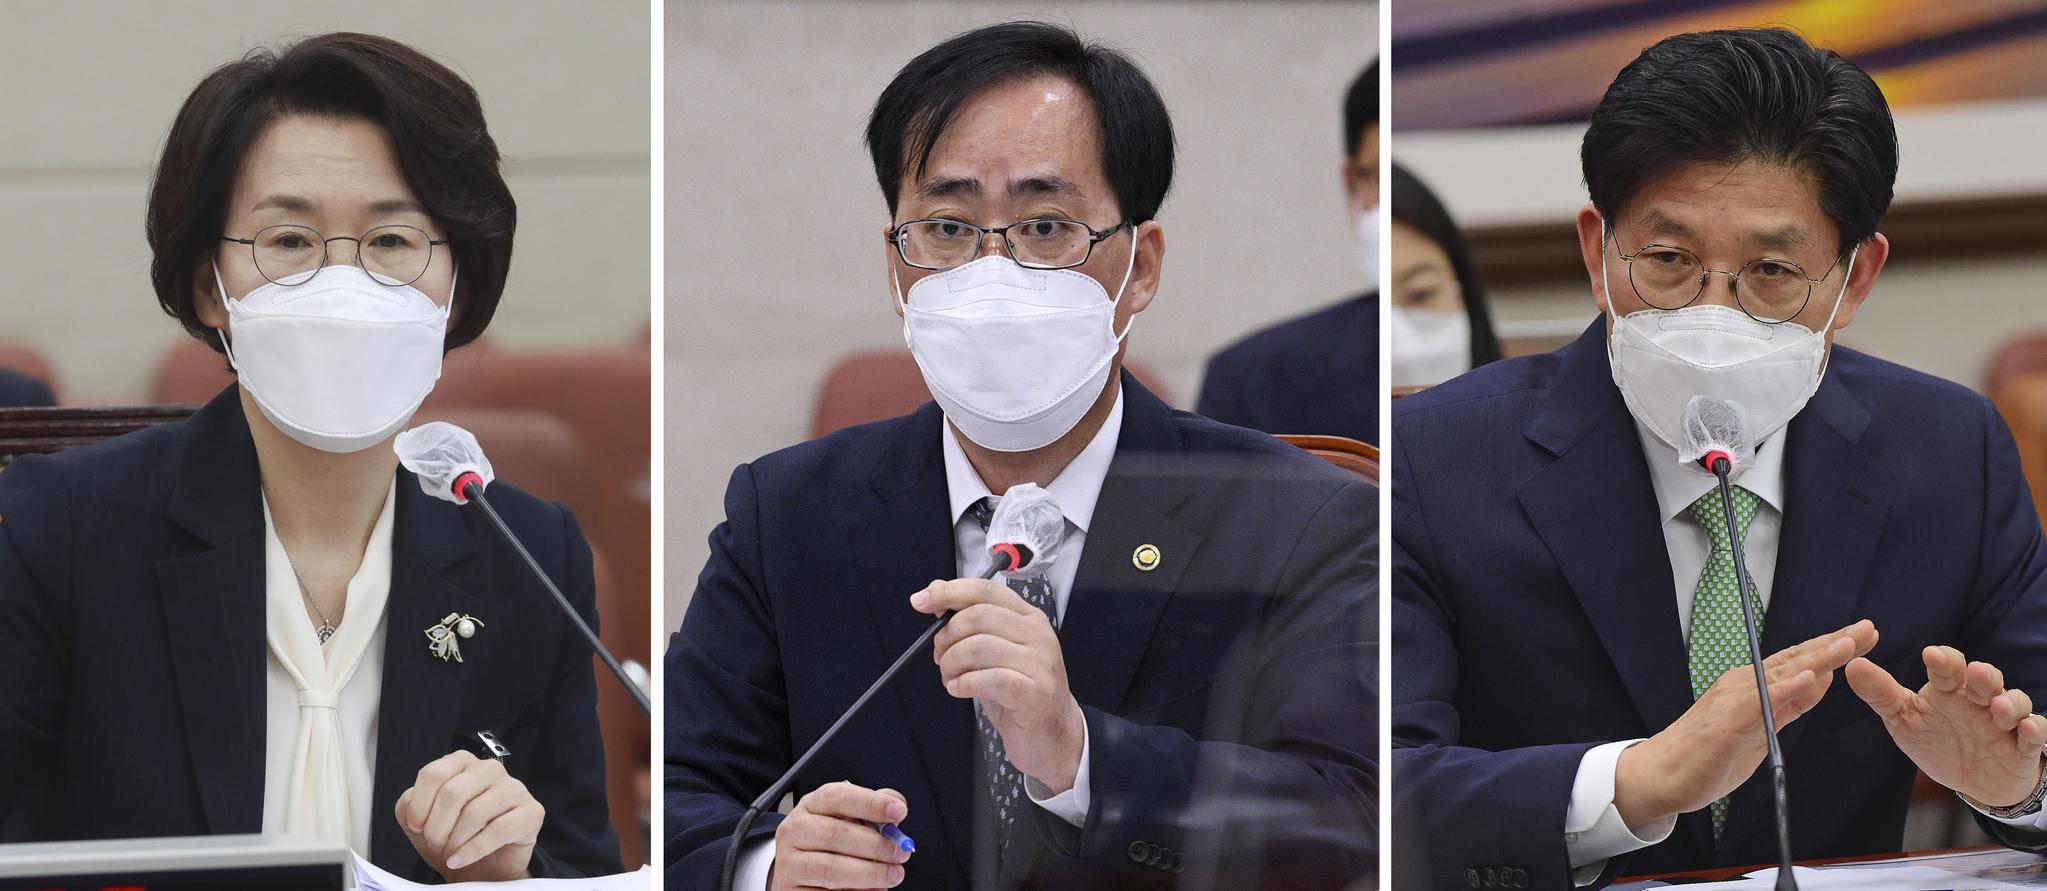 임혜숙 과학기술정보통신부(왼쪽부터), 박준영 해양수산부, 노형욱 국토교통부 장관 후보자. 연합뉴스